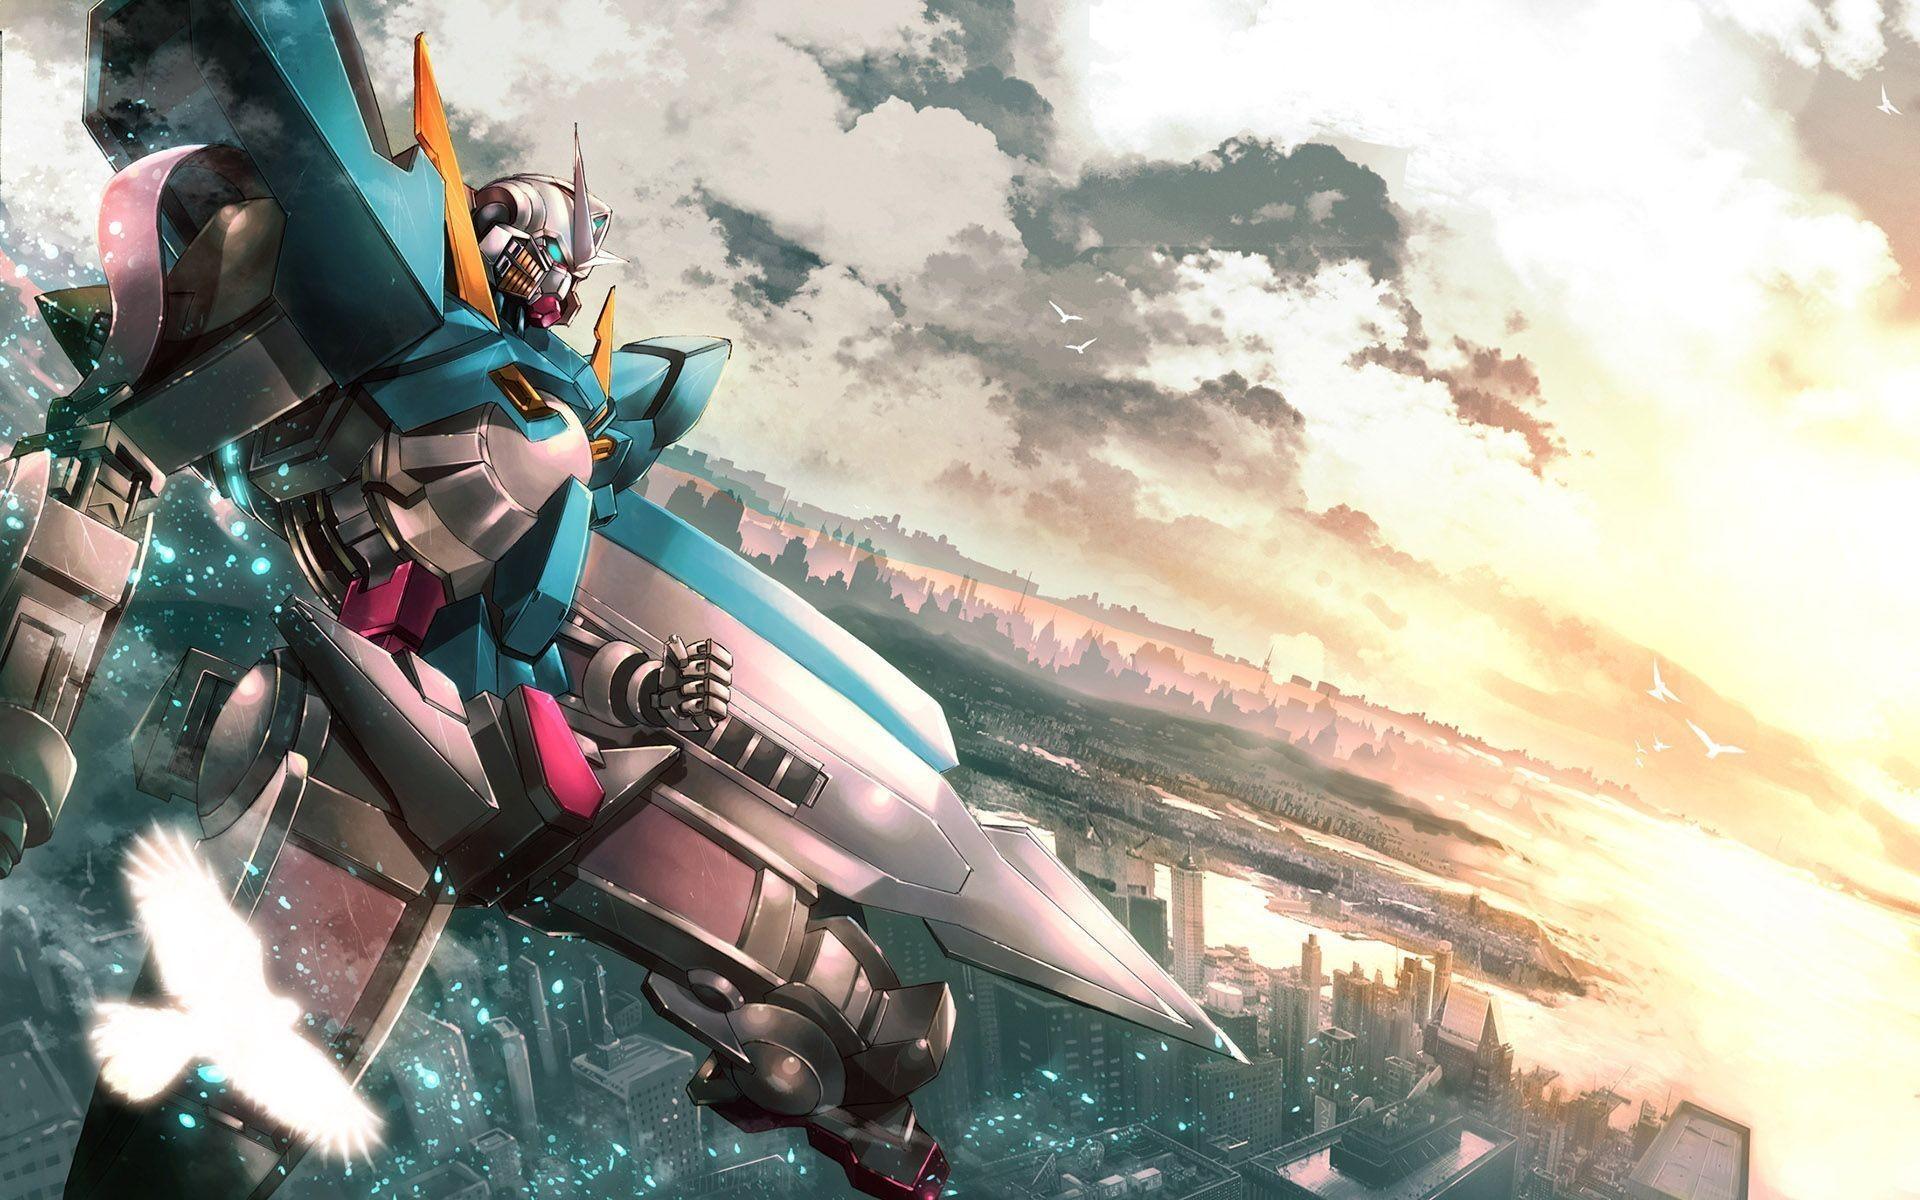 Gundam [3] wallpaper jpg